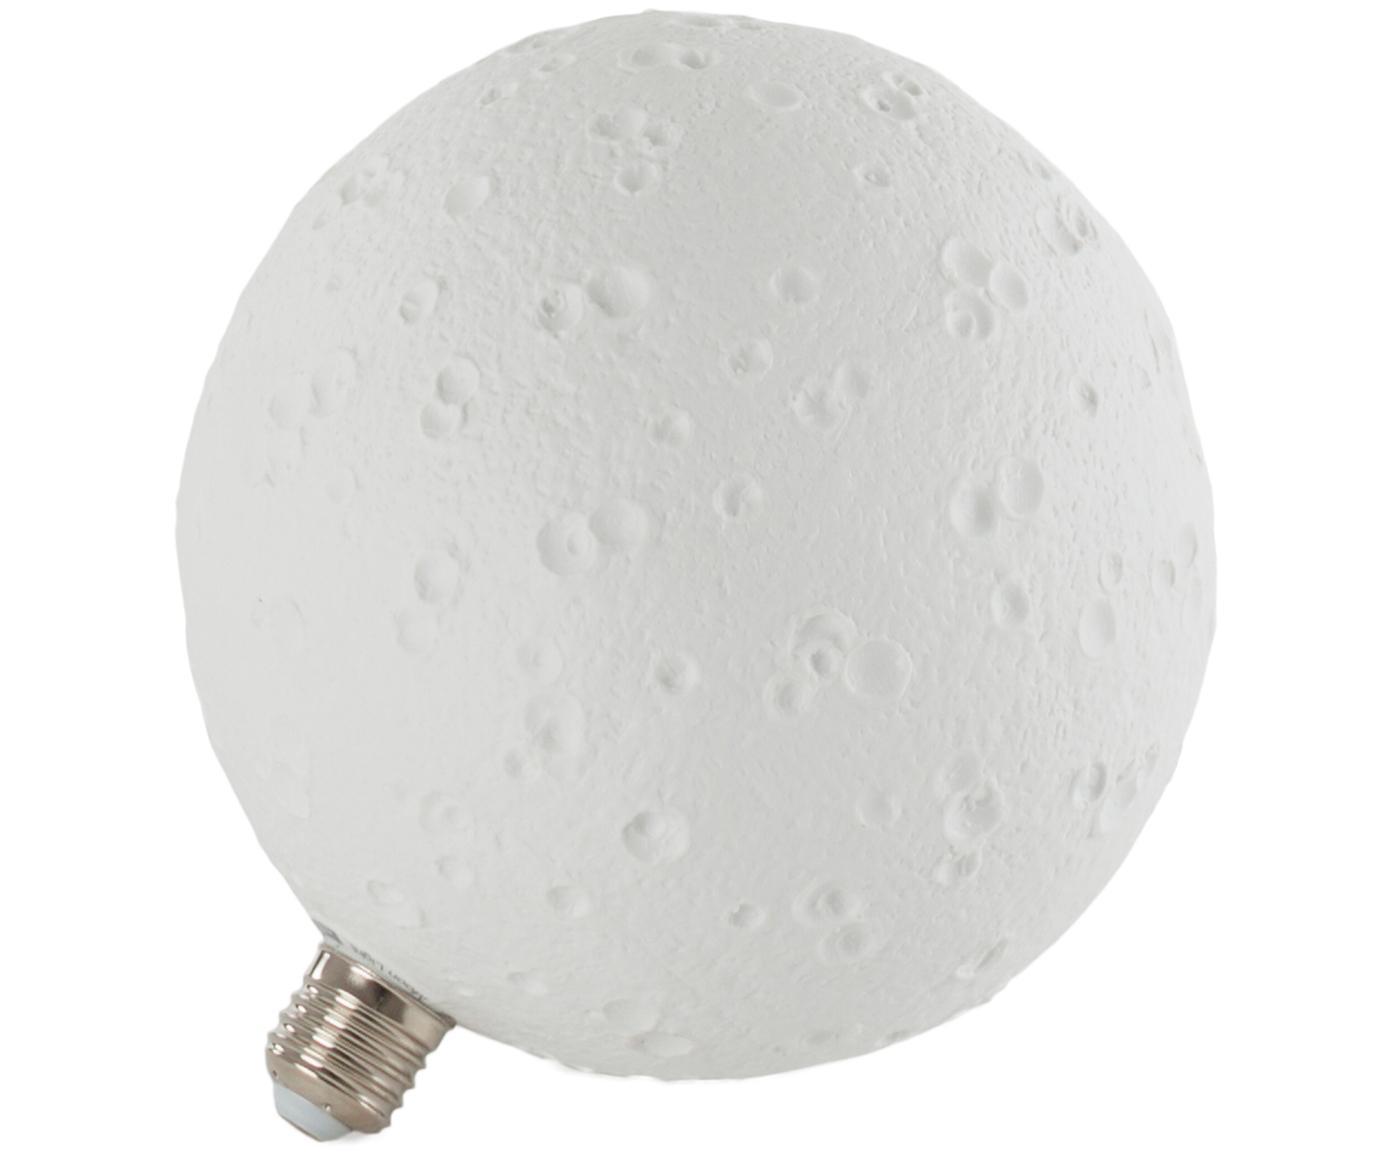 Żarówka Moonlight (E27/8W), Porcelana, Biały, Ø 18 x W 20 cm